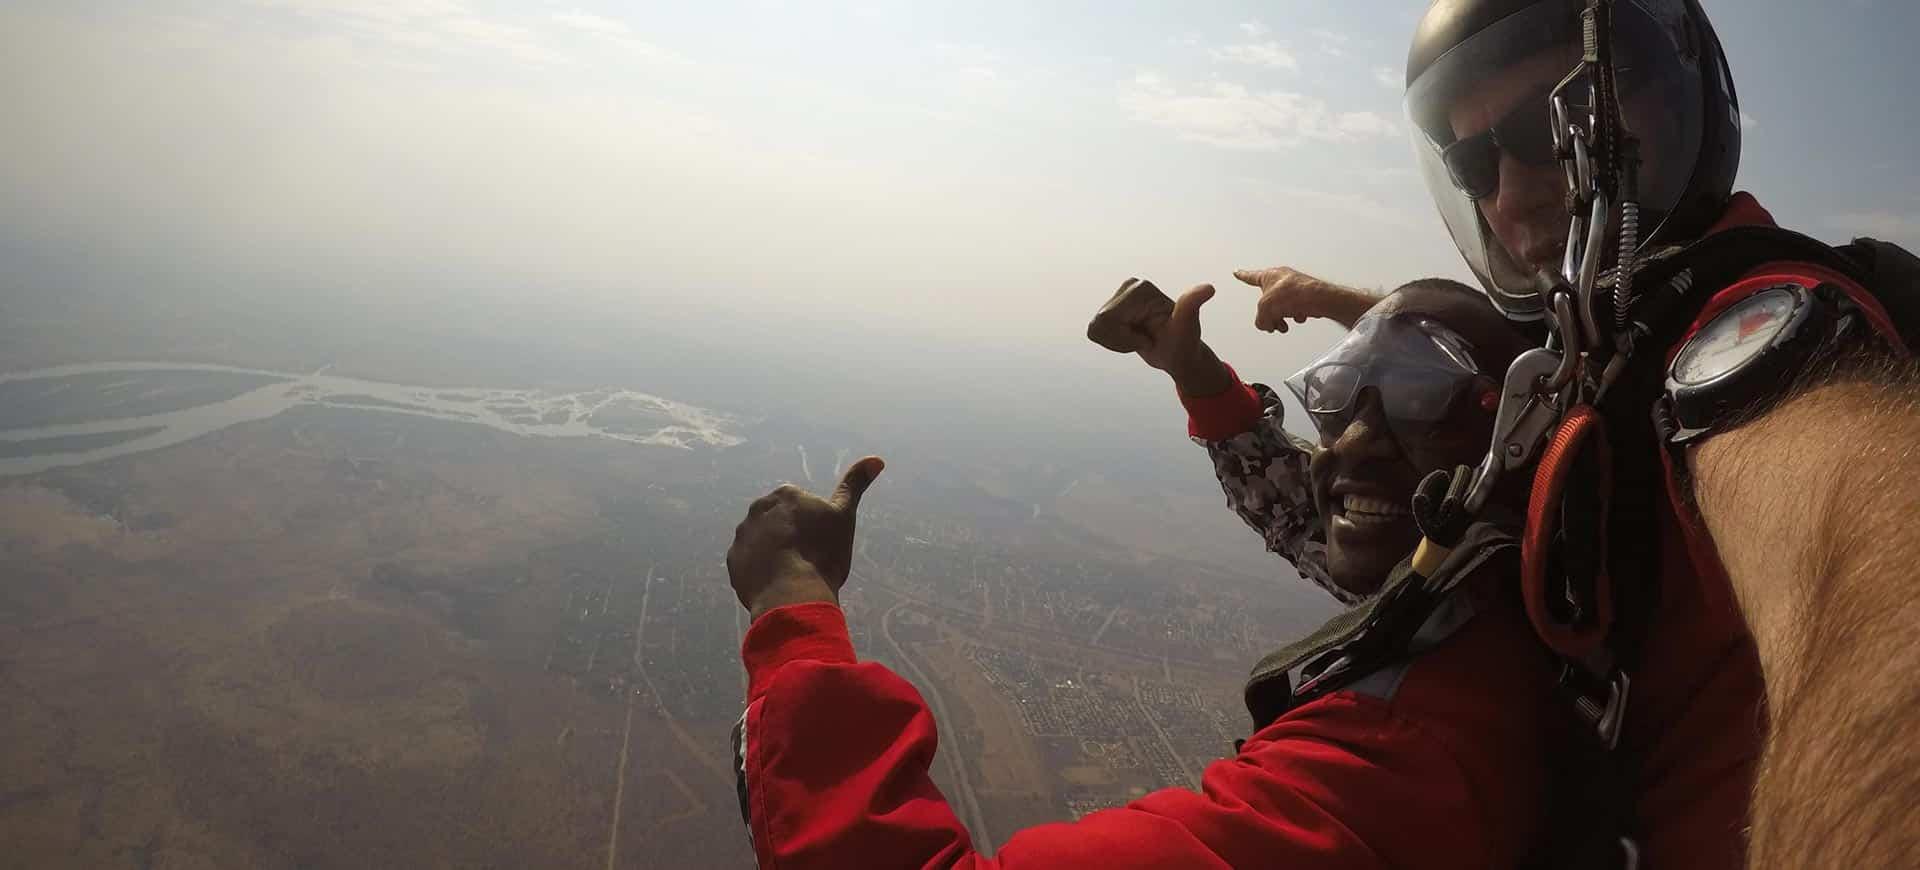 Skydive Tandem Victoria Falls